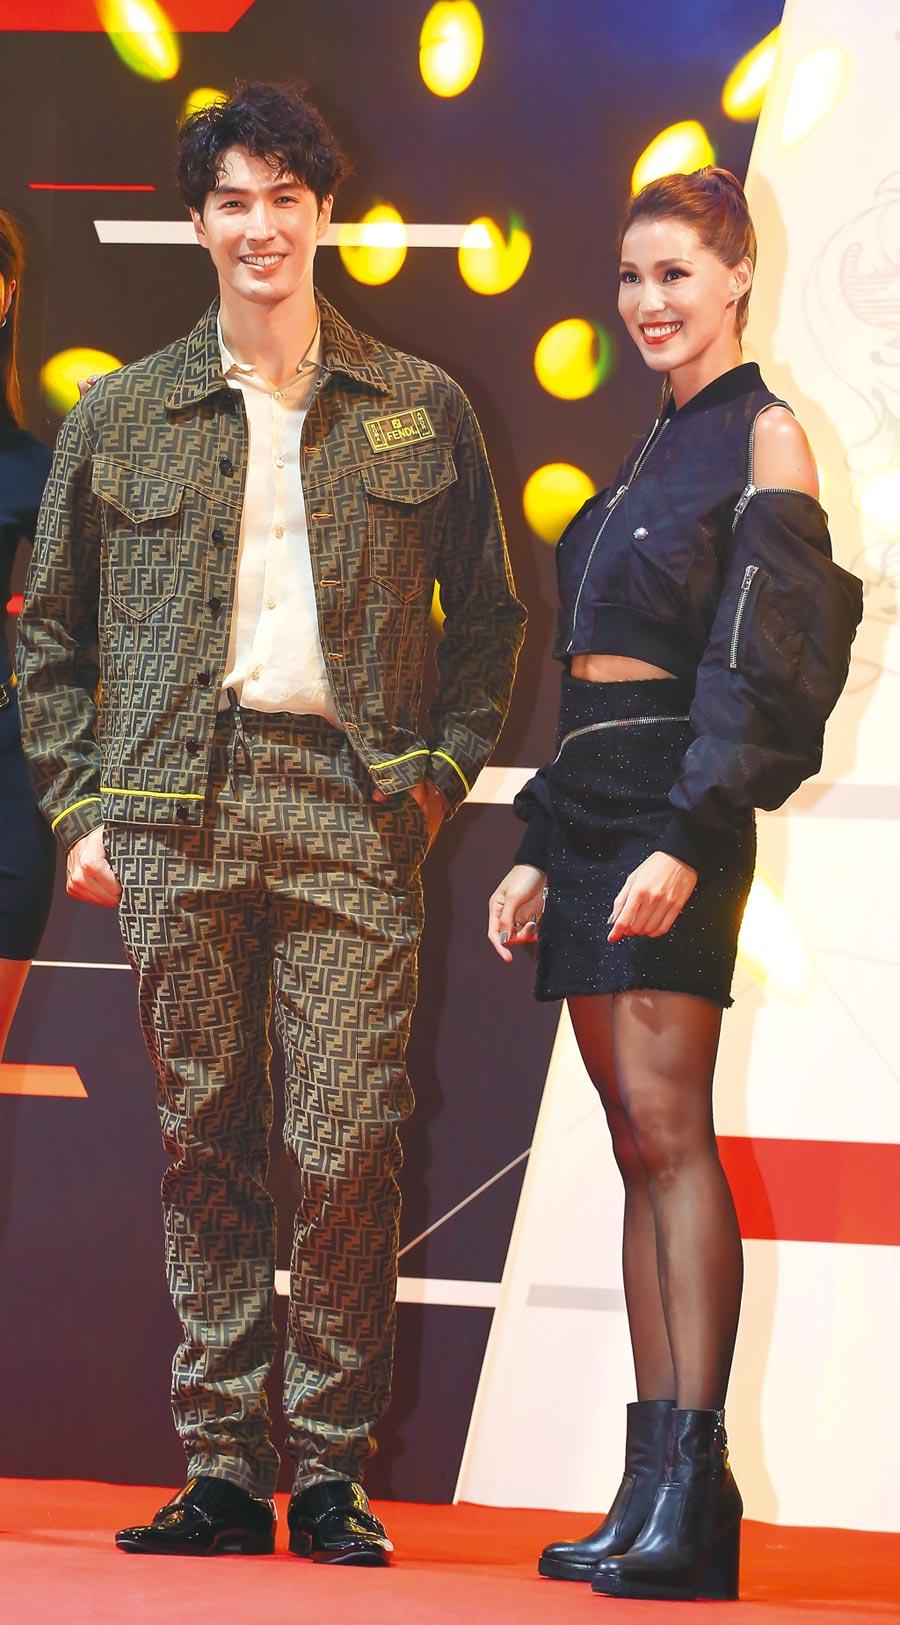 錦榮穿FENDl男裝、Akemi穿 alexanderwang搖滾風勁裝,穿出不同風格的情侶裝。(陳俊吉攝)